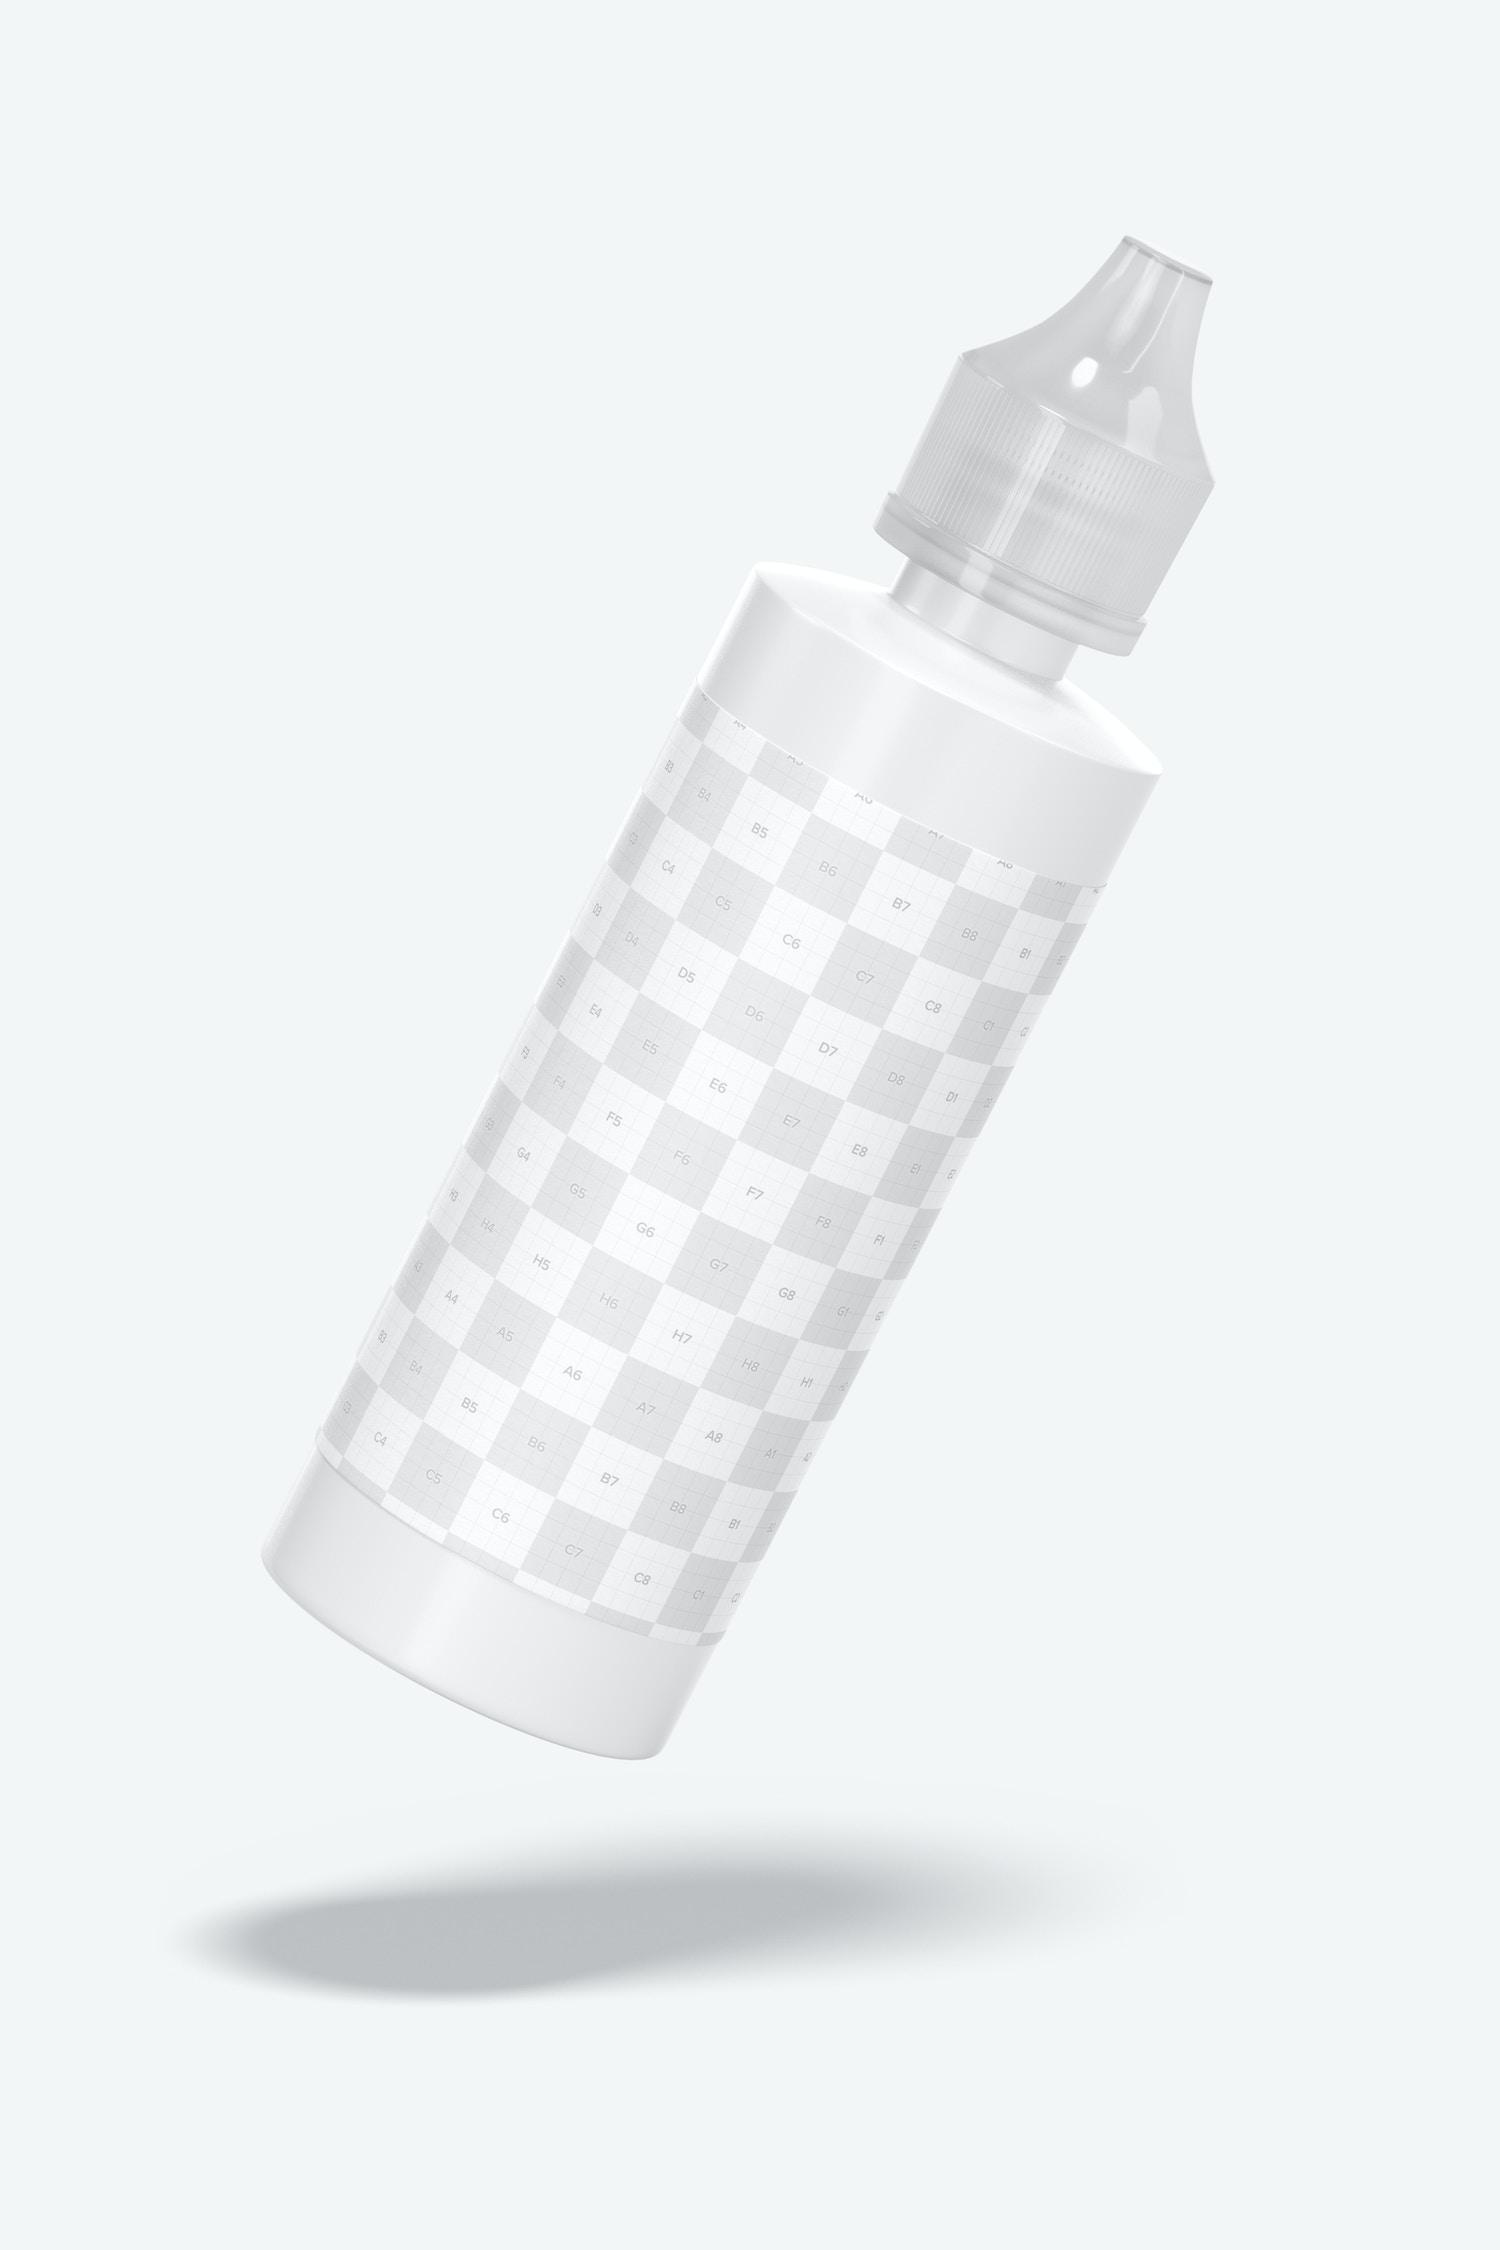 4 oz Fabric Paint Bottle Mockup